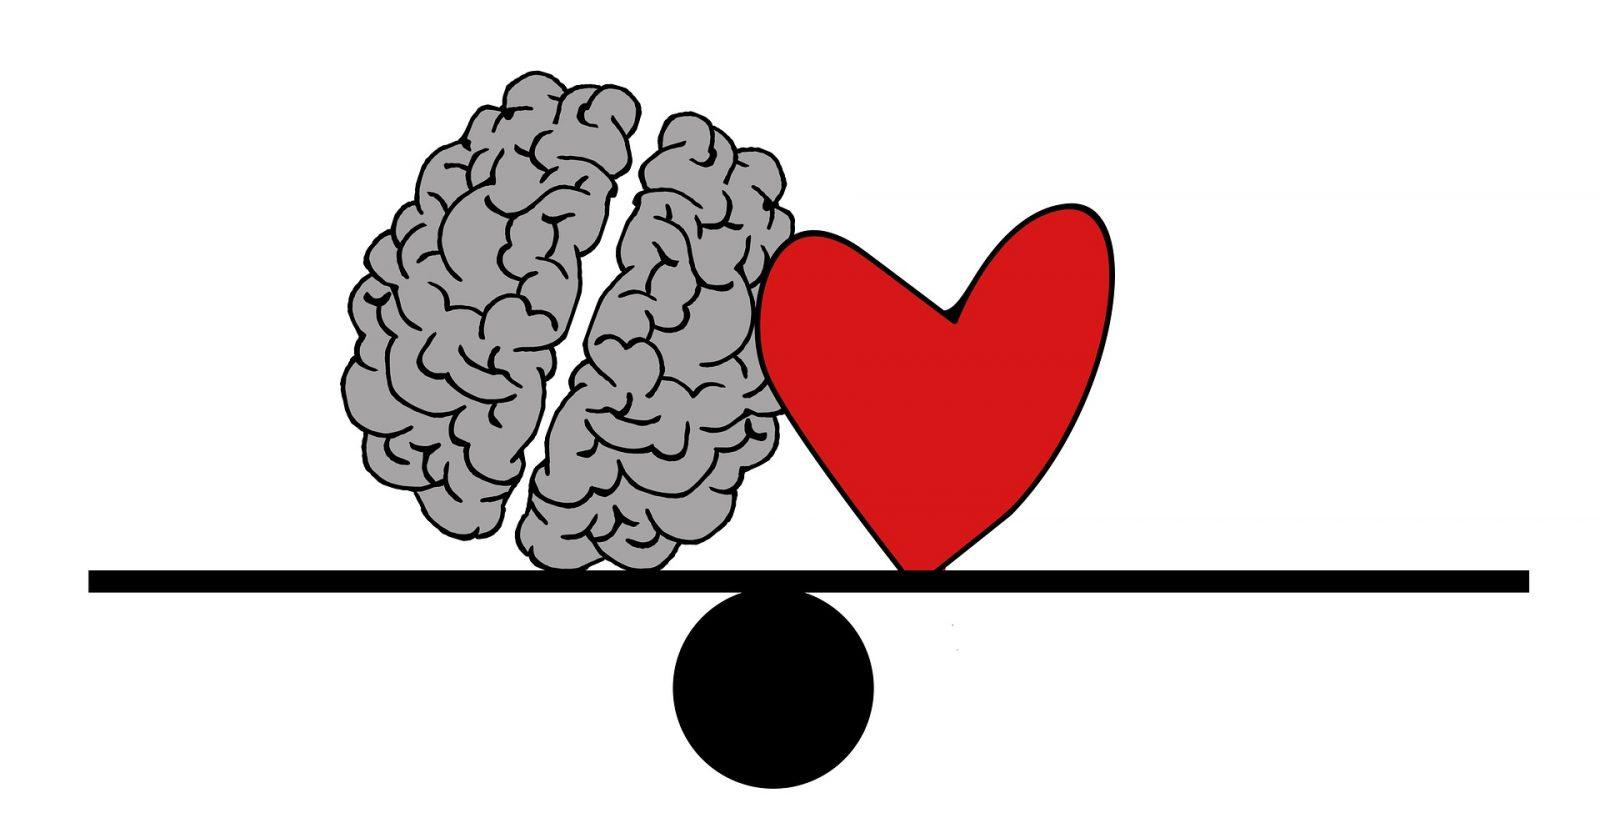 rajz egy agyról é szívről egy mérlegen